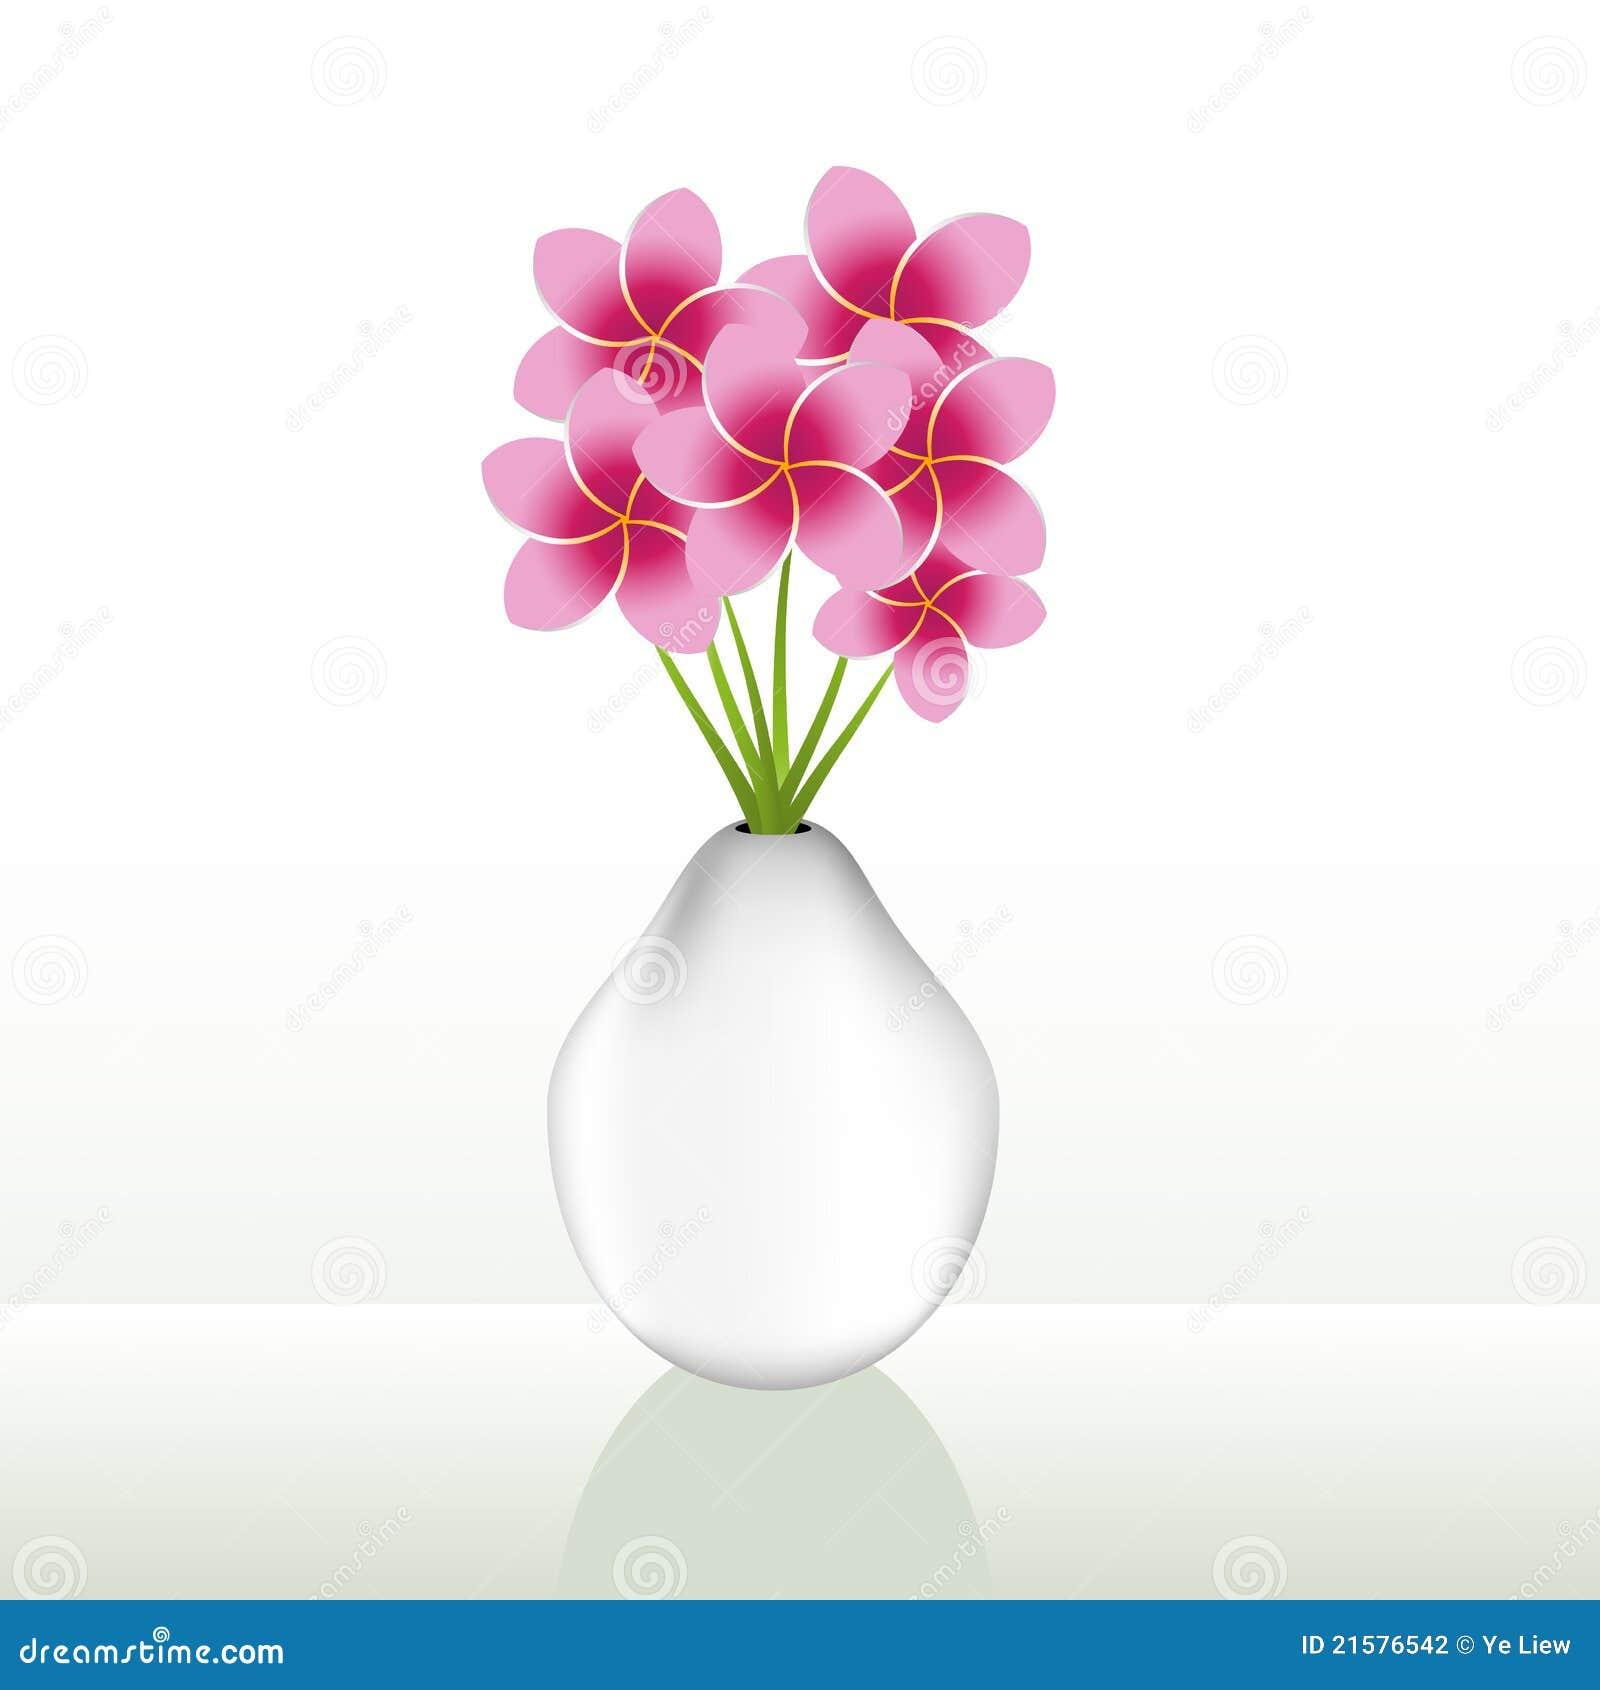 Flower vase stock vector illustration of pink blossom 21576542 flower vase reviewsmspy